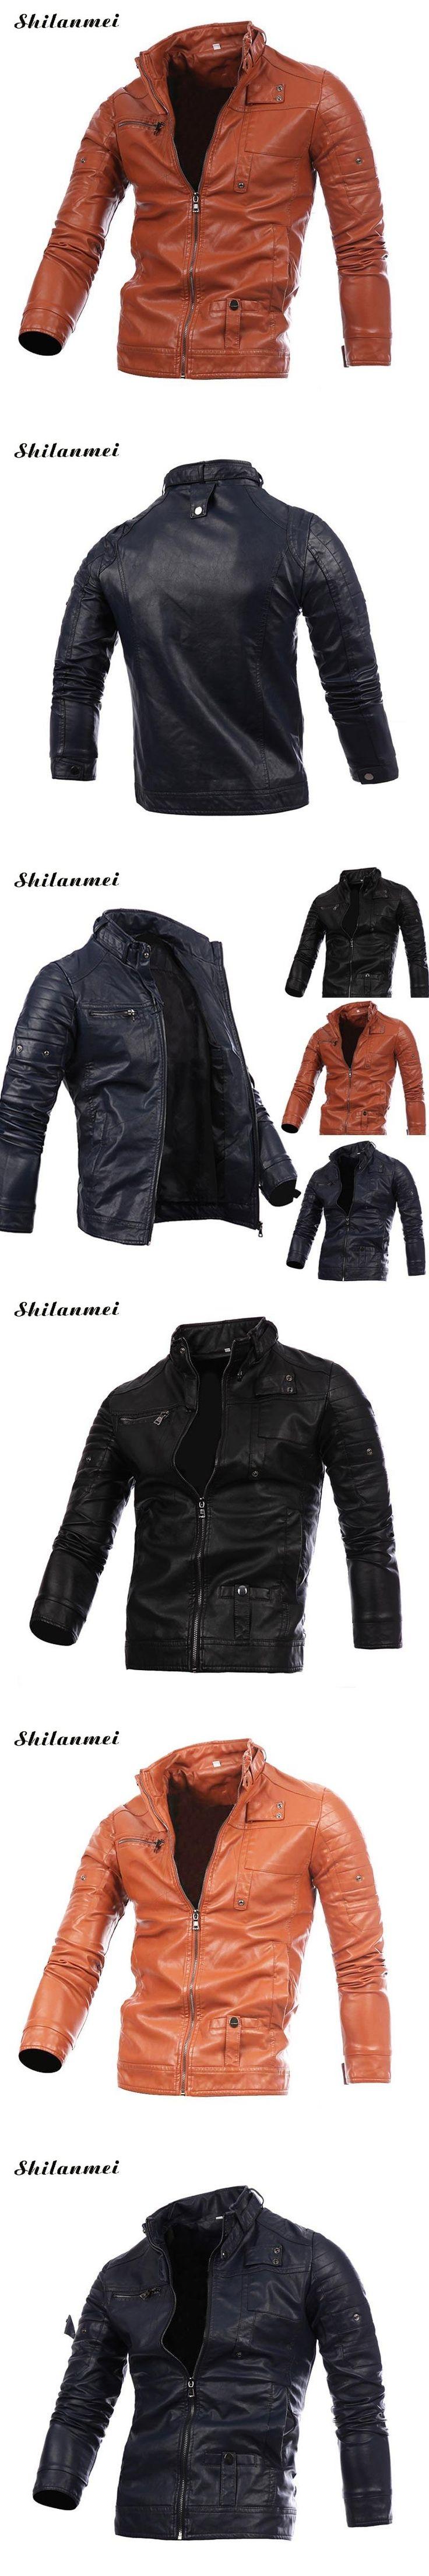 Winter PU Leather Jacket Men Blue Coat for Man Slim Zipper Black Outwear Spliced Brown Khaki Men's Jackets Casual Overcoat